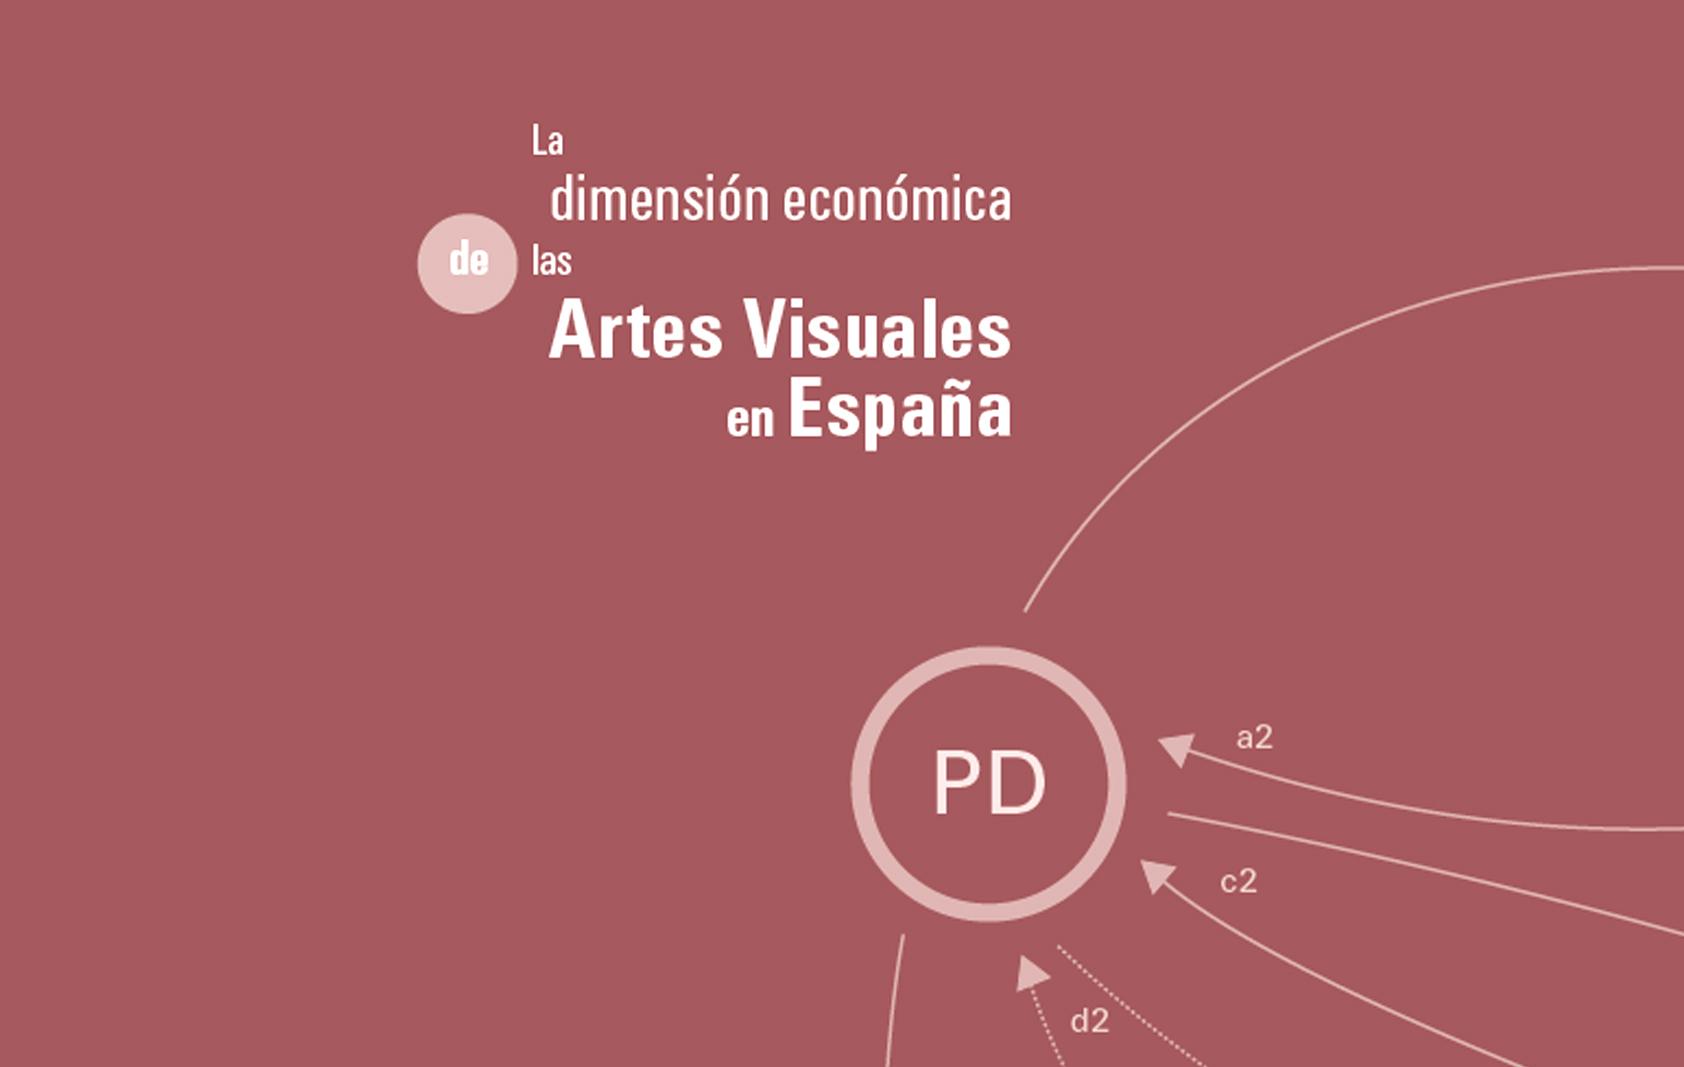 dimension eco artes